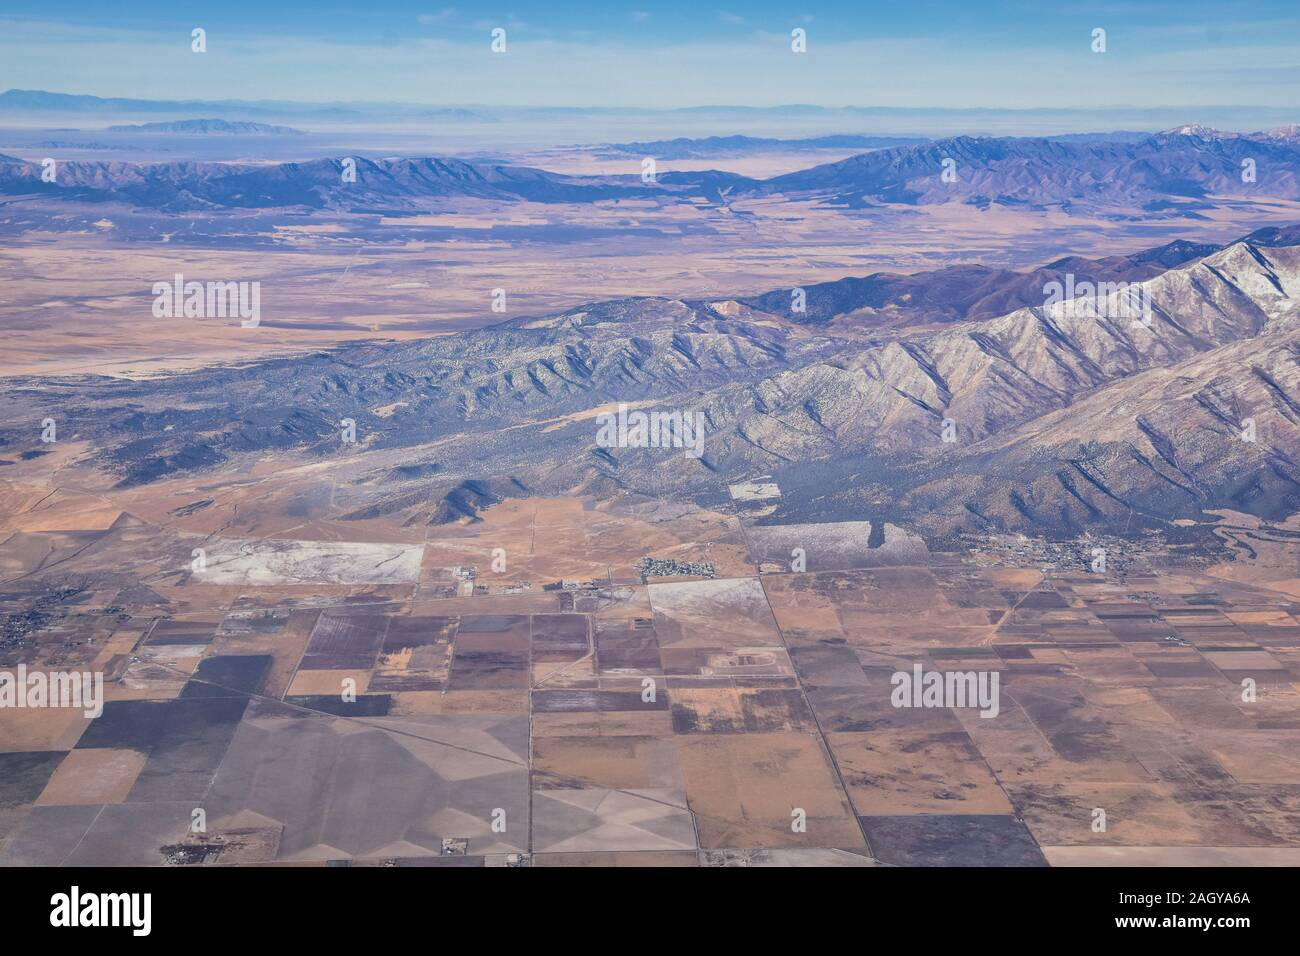 Montañas Rocosas, gama Oquirrh vistas aéreas, Wasatch Front roca desde el avión. El sur de Jordania, West Valley, Magna y Herriman, por el Gran Lago Salado U Foto de stock